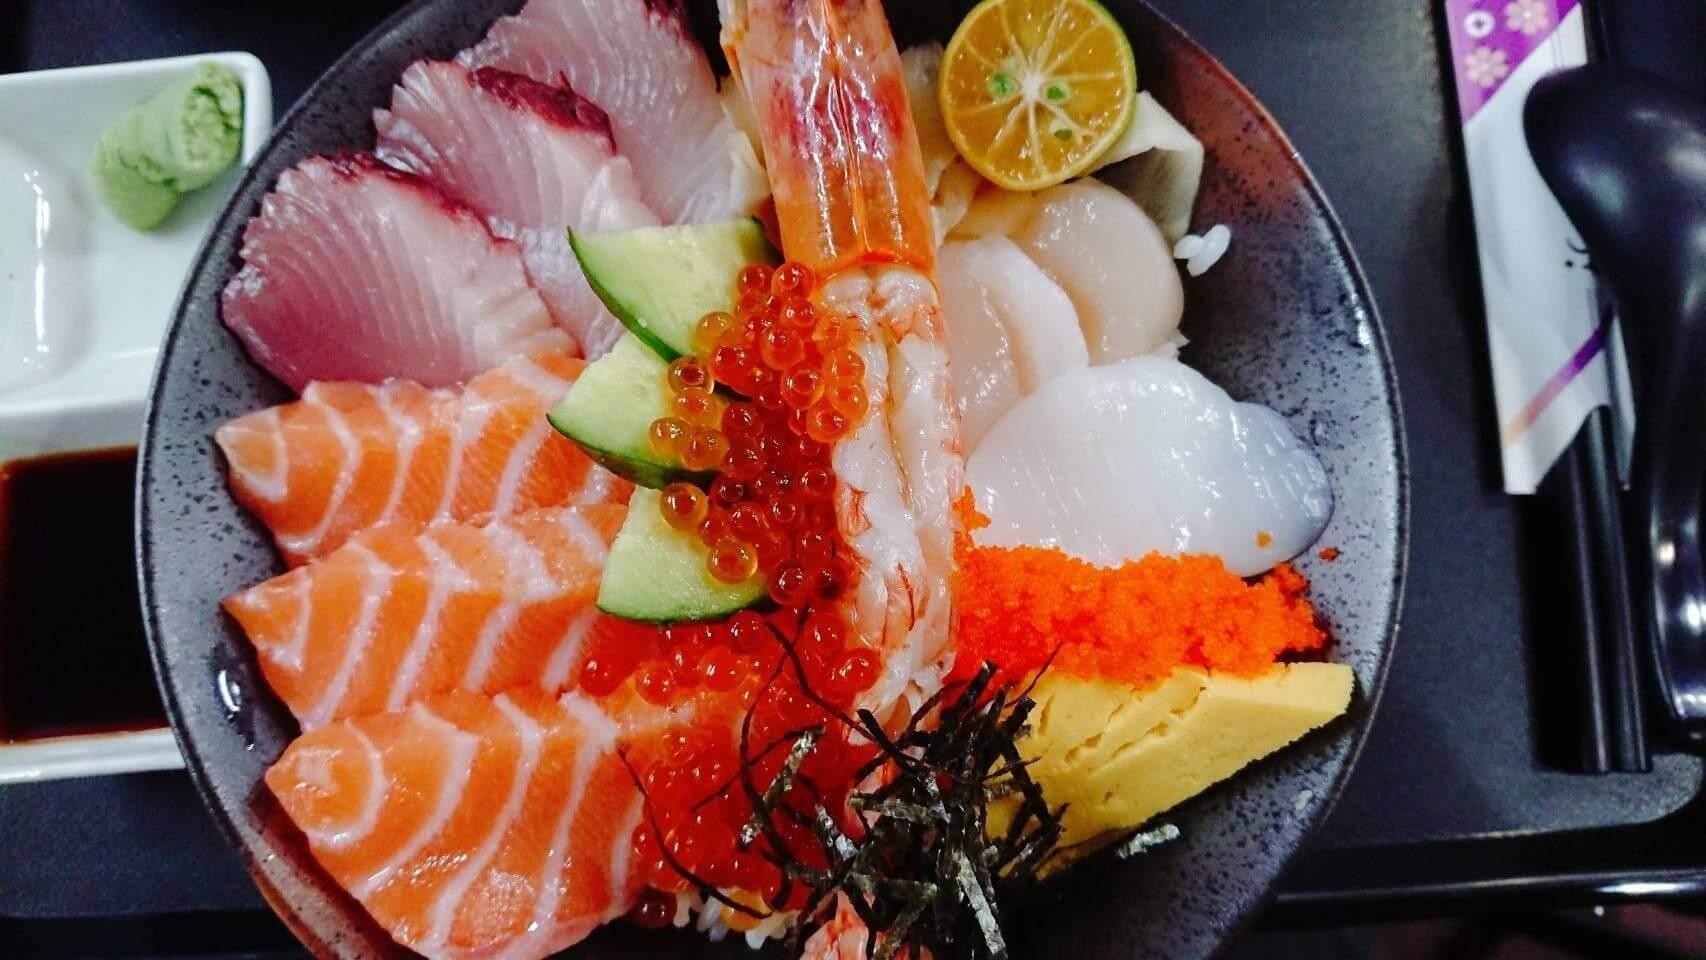 【花蓮市區】佐賀–平價日式料理,超美味又高CP值的豐盛海鮮丼